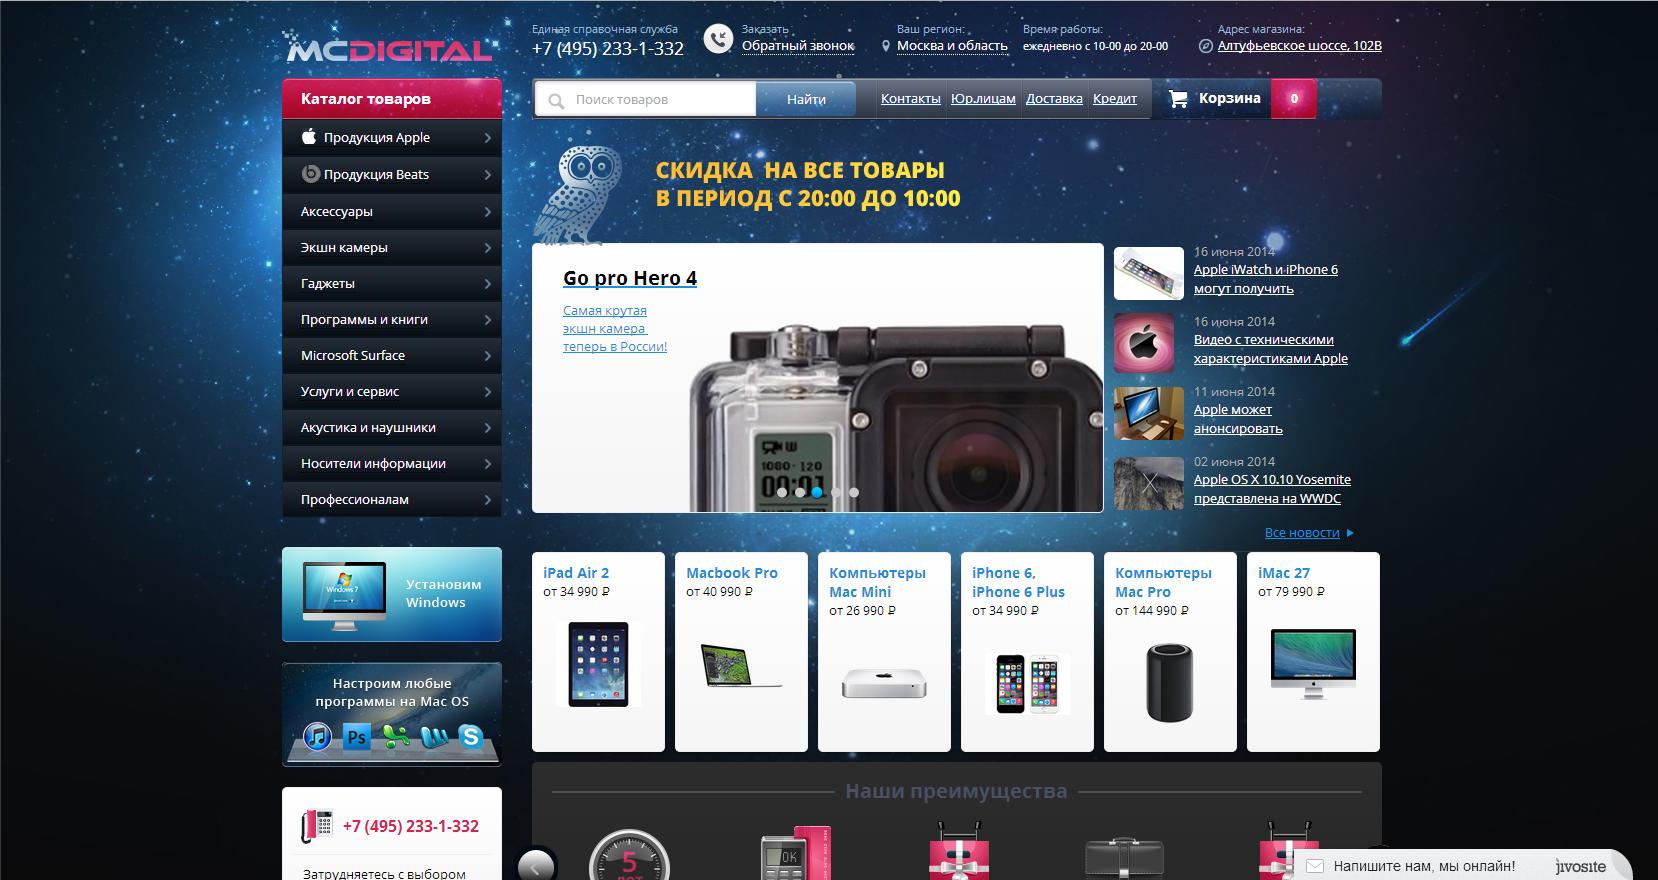 Интернет магазин техники Apple в Москве. Купить официальную продукцию Эпл по низкой цене